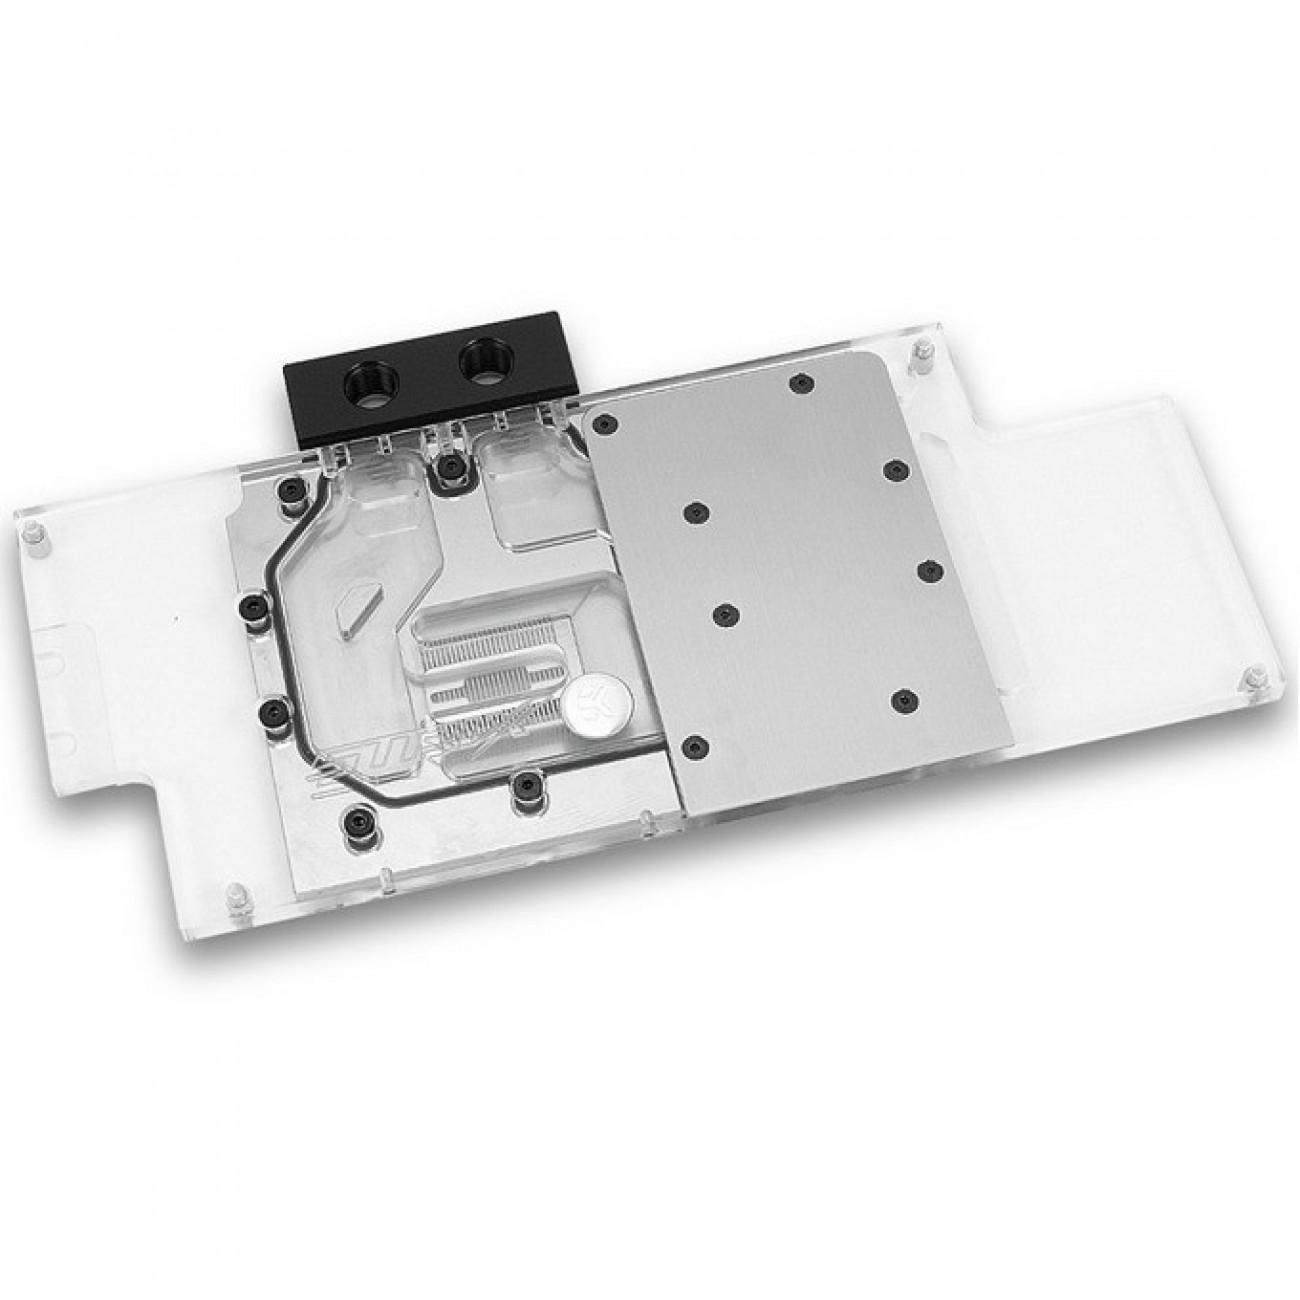 Воден блок за охлаждане на видео карти EKWB EK-FC1080 GTX Strix - Nickel, съвместим с ASUS design GeForce GTX 1080, 1070 and 1060 Strix series graphics cards в Вентилатори / Охладители -  | Alleop